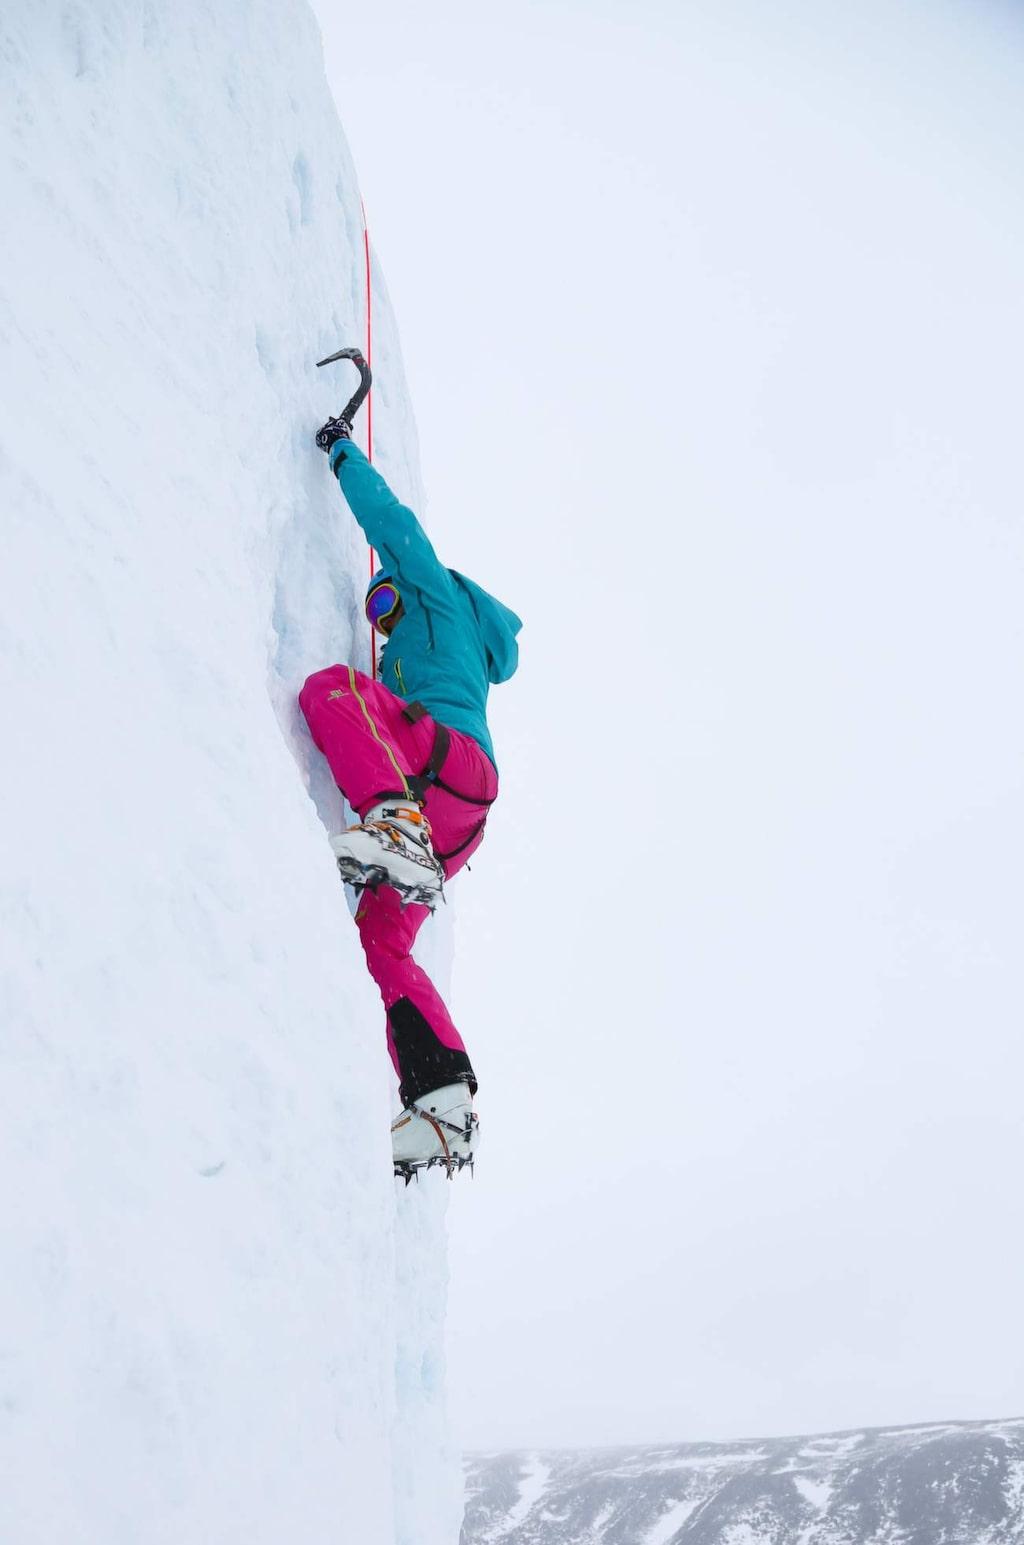 I Tarfaladalen finns ett mäktigt isfall. Perfekt för isklättring.